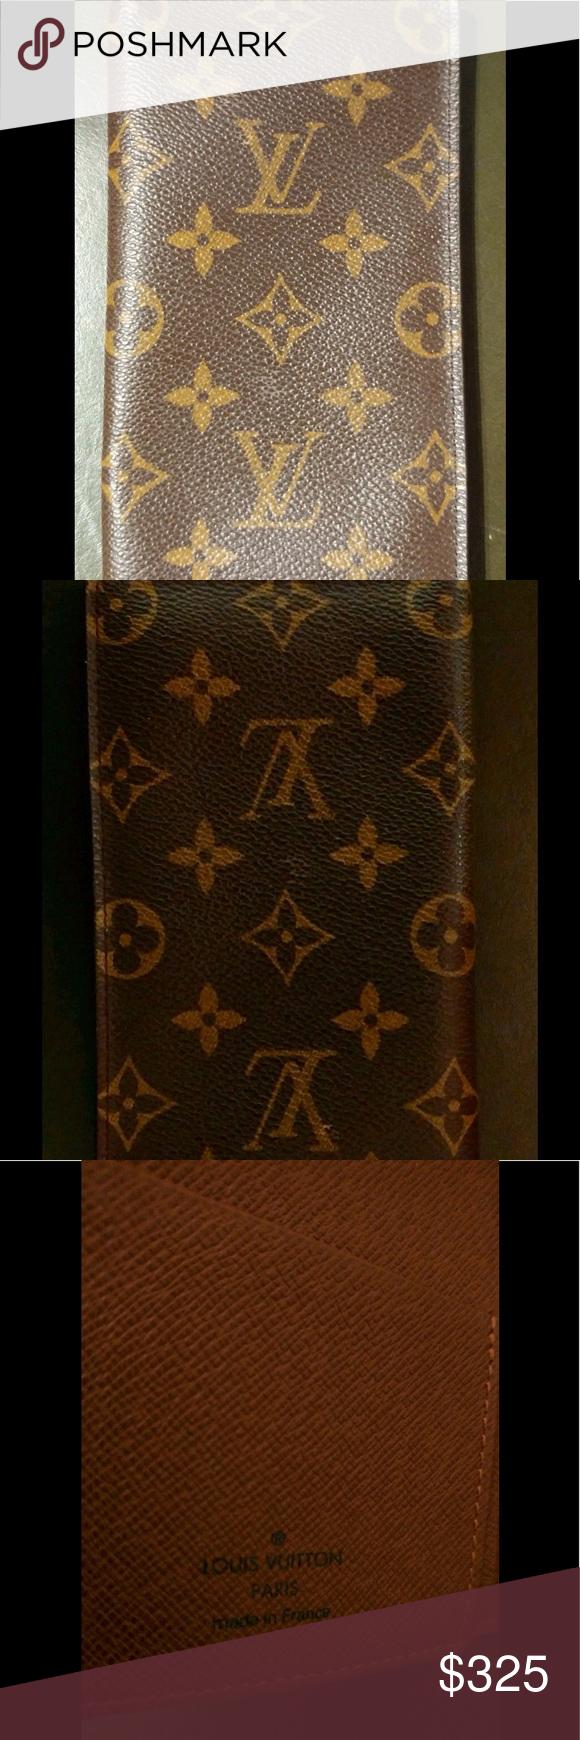 Vintage Louis Vuitton Wallet Vintage Louis Vuitton, no signs of wear Louis Vuitton Bags Clutches & Wristlets